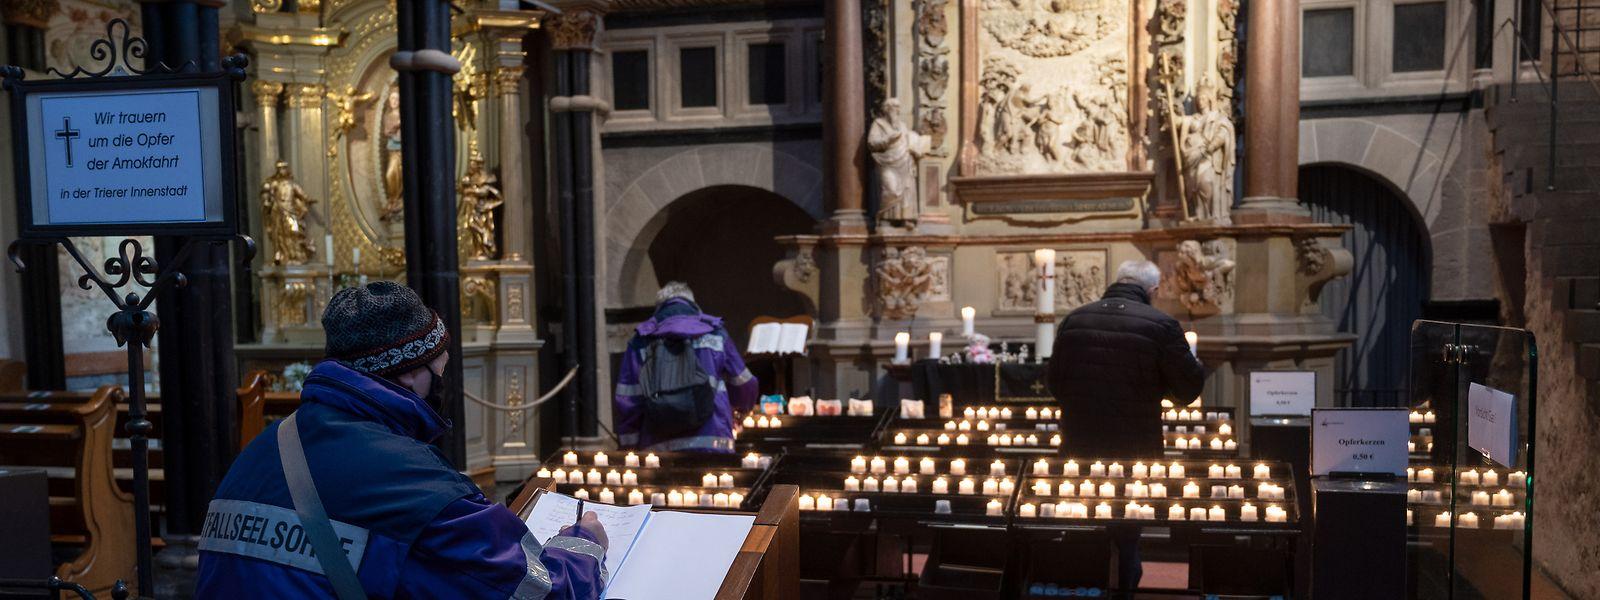 Menschen kondolieren im Dom zum Gedenken der Opfer nach der Amokfahrt von Trier.